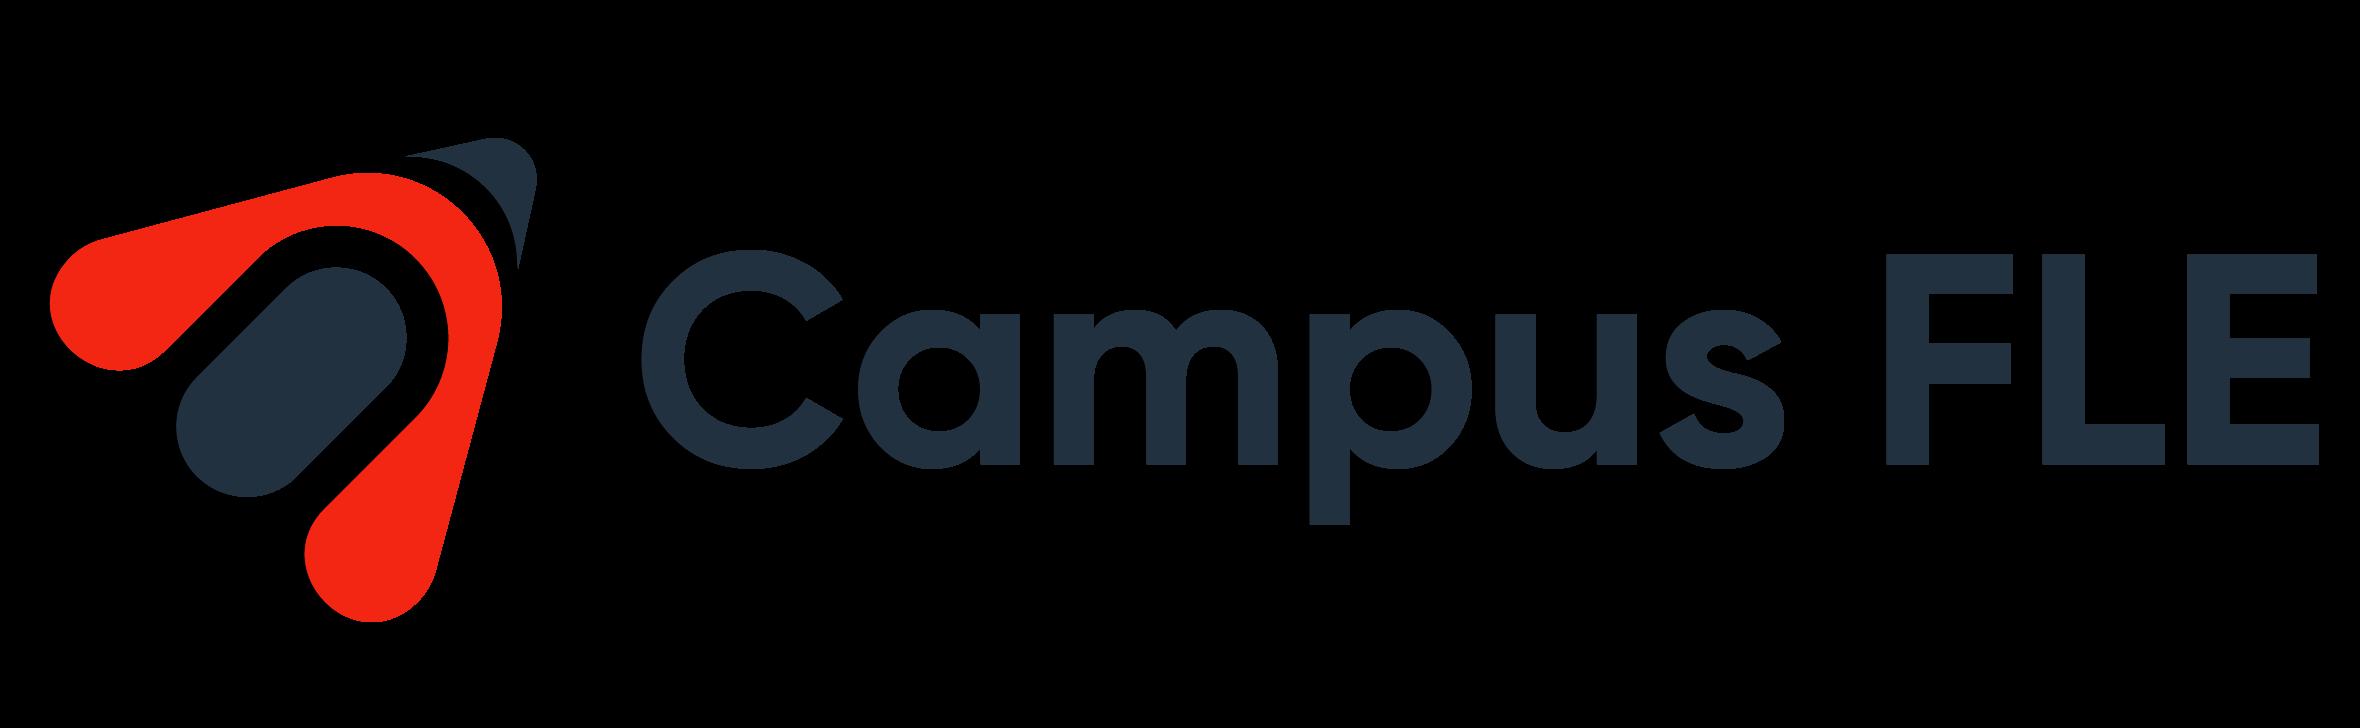 Campus FLE